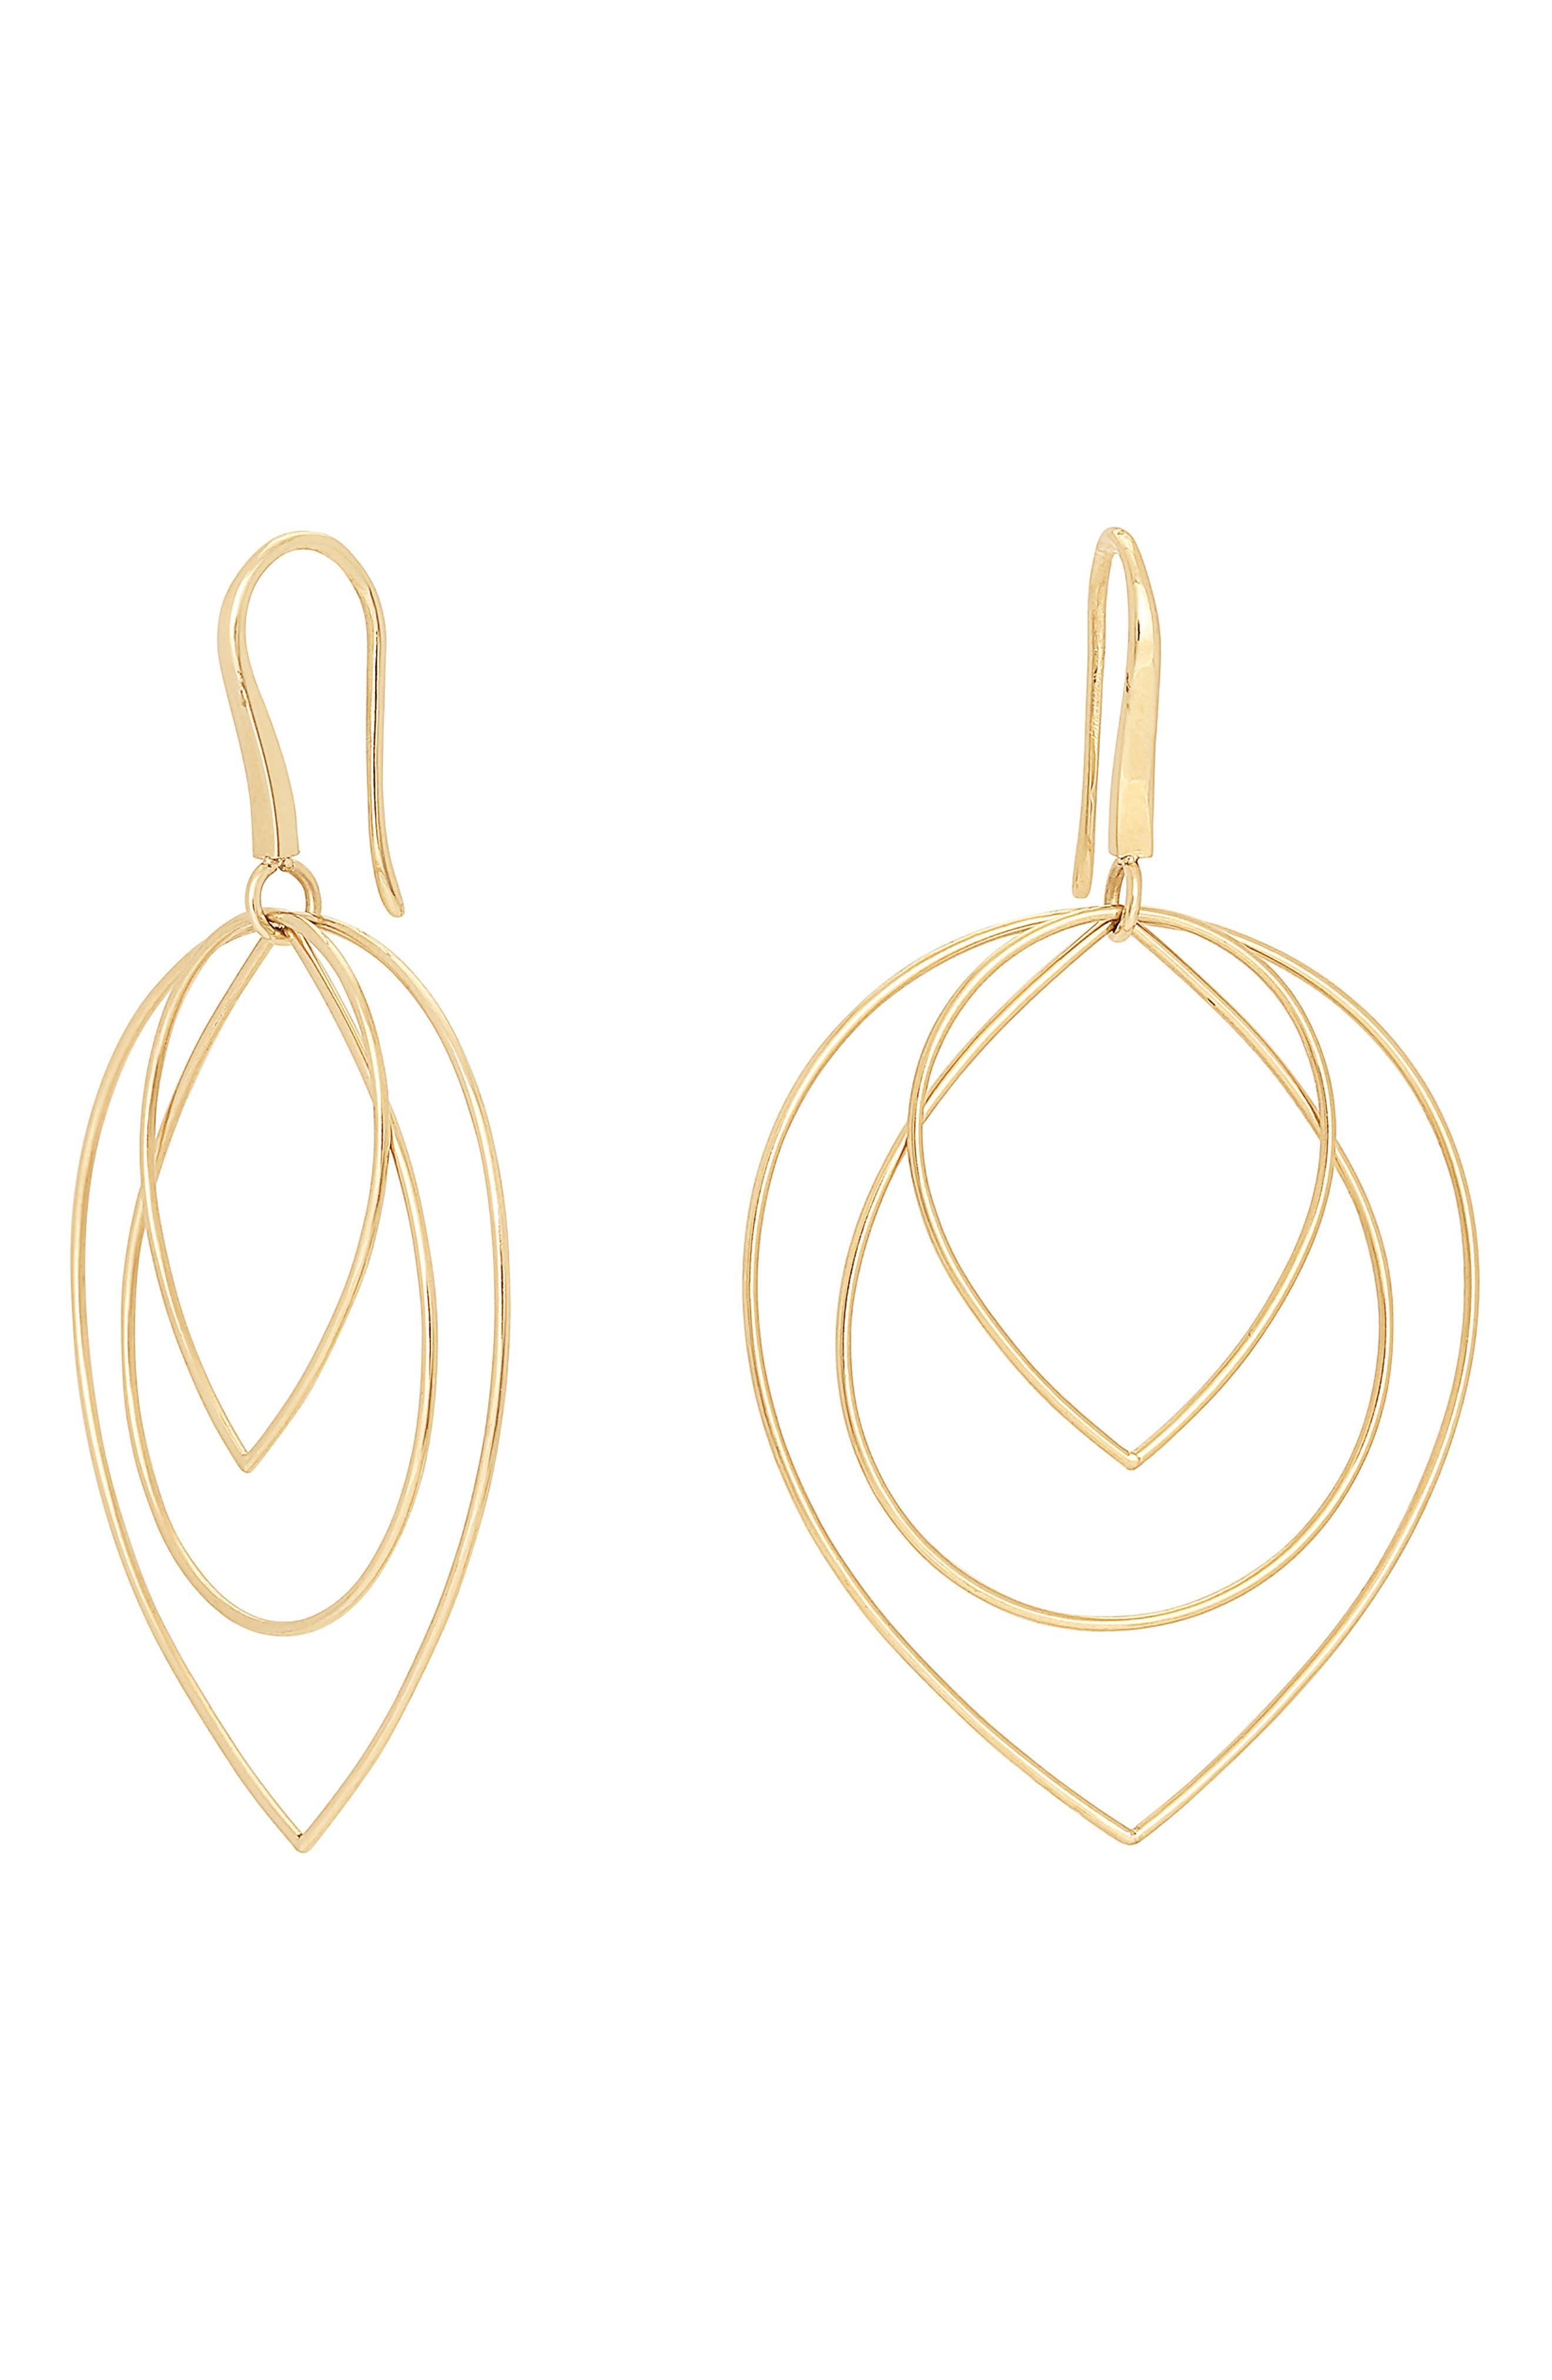 Tiered Hoop Earrings